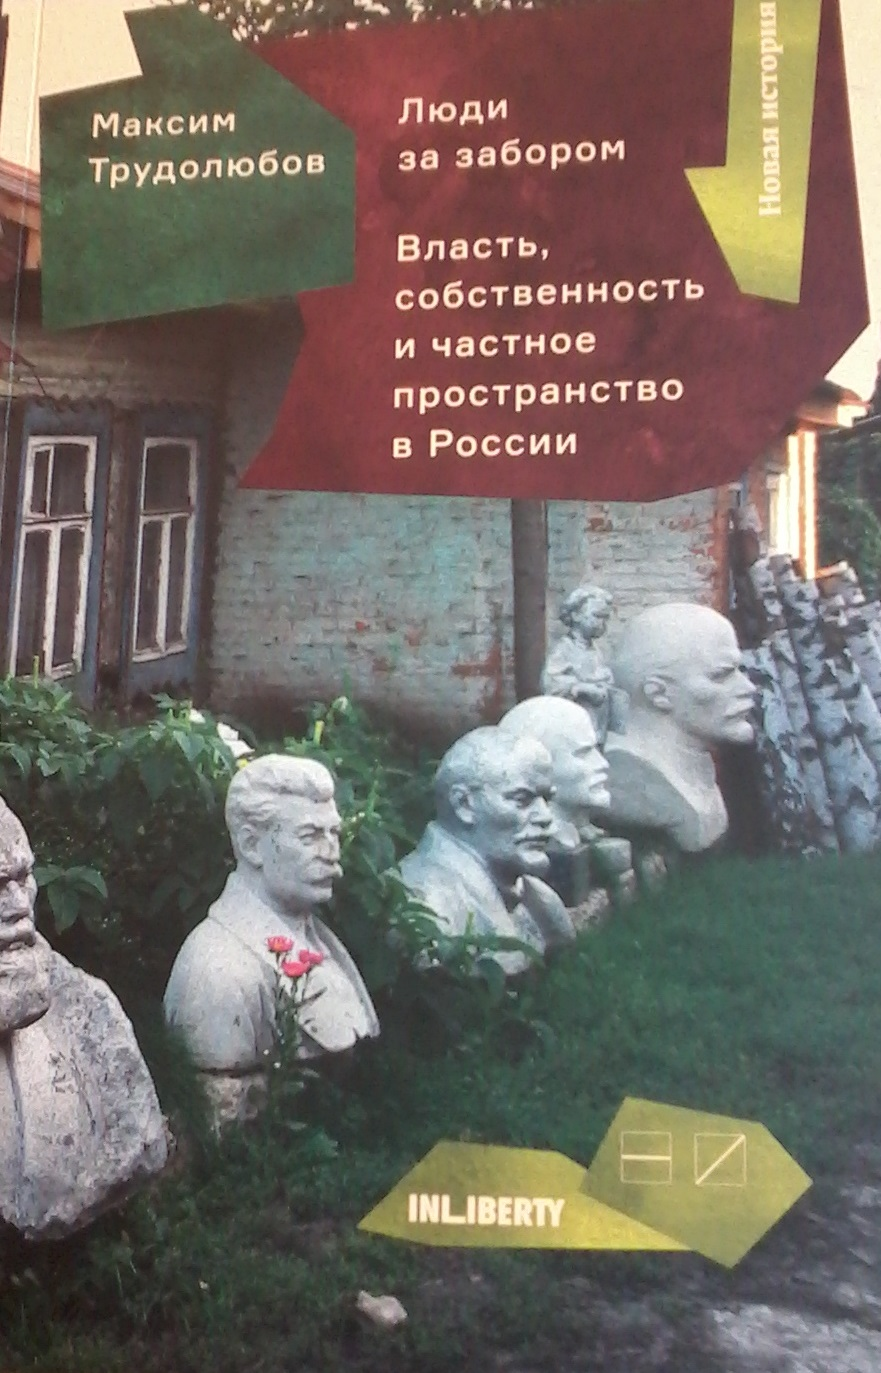 Люди за забором: Частное пространство, власть и собственность в России